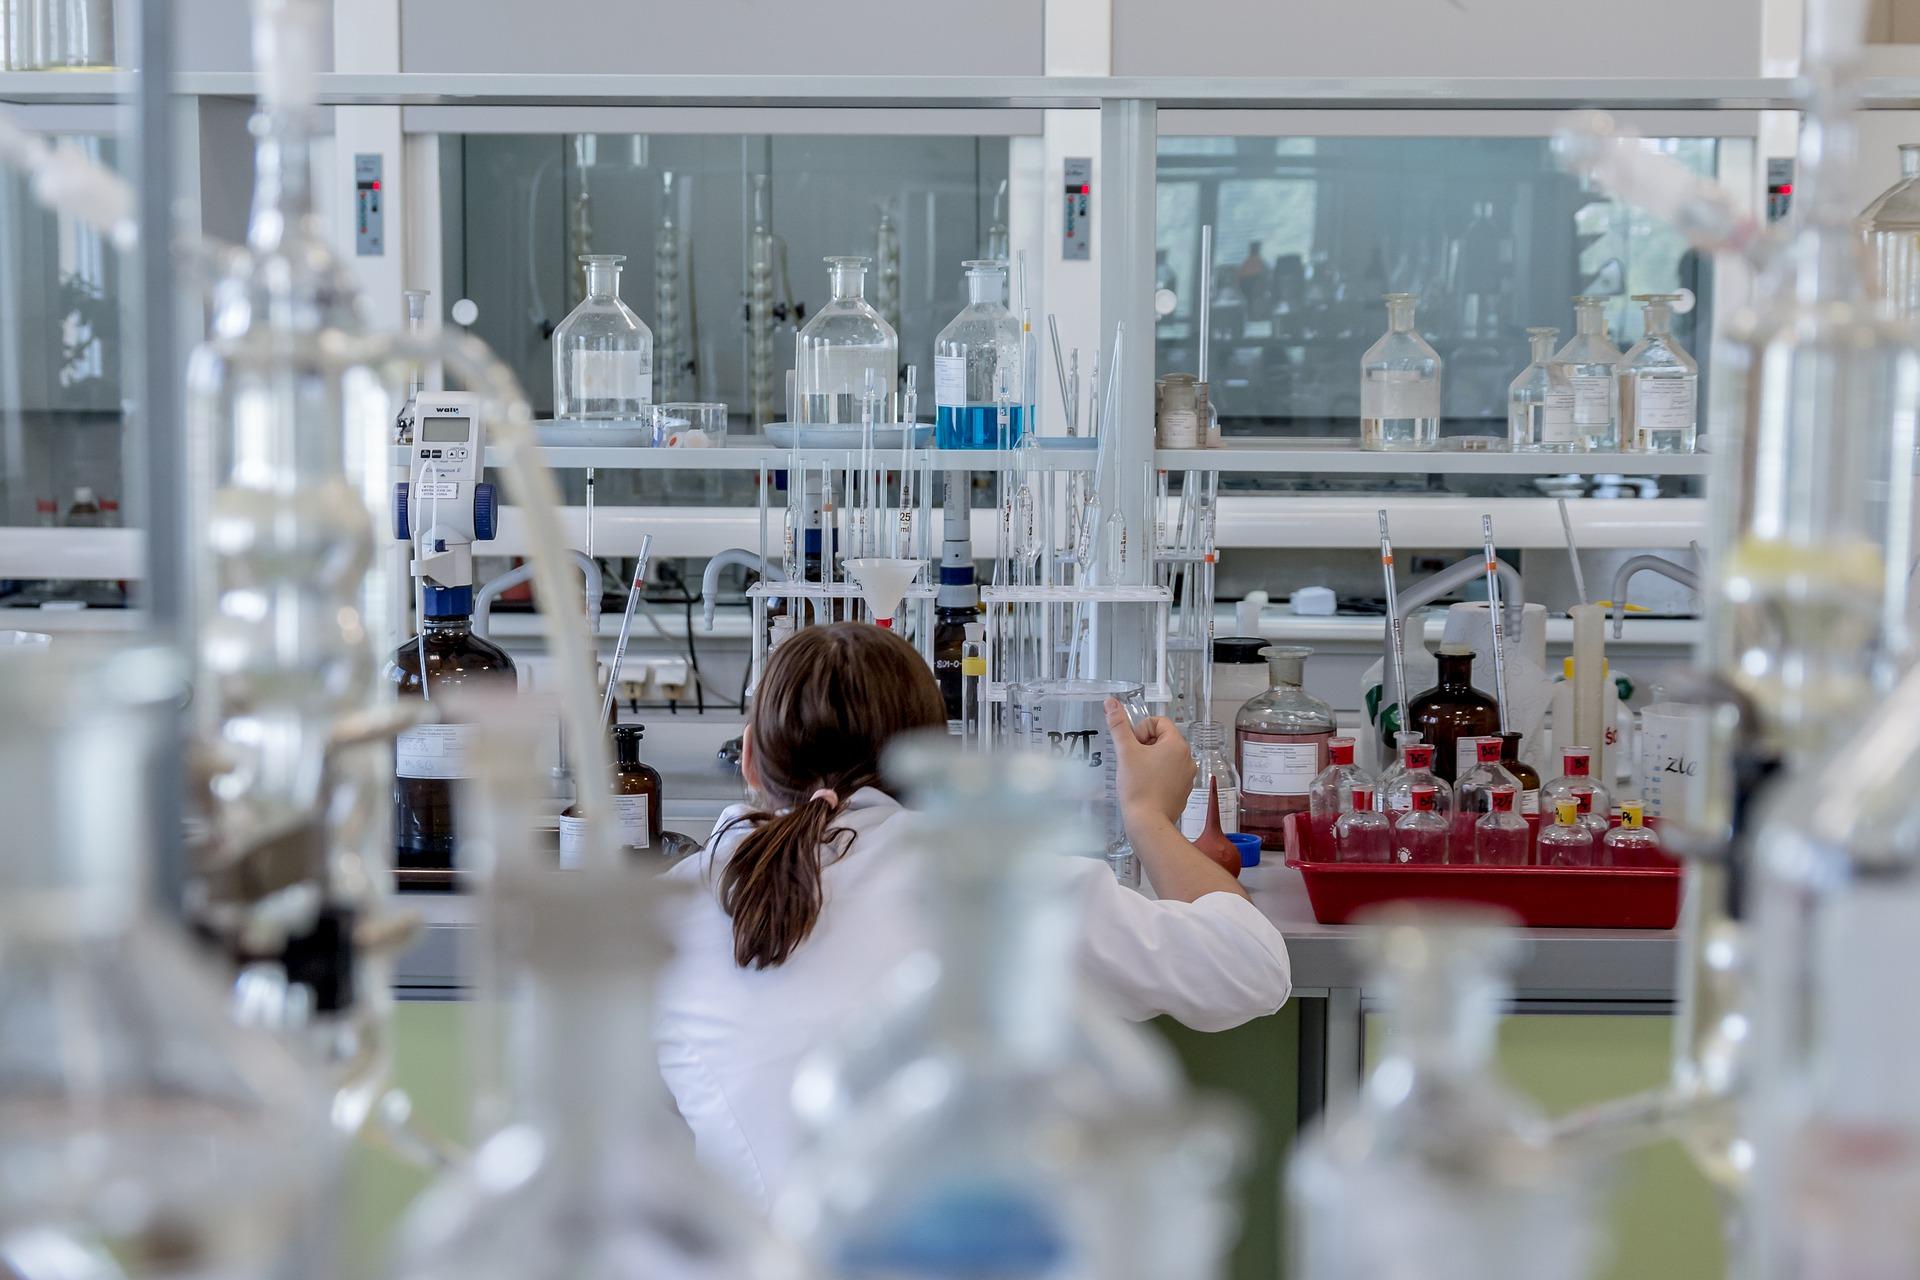 Oft mangelt es den Wissenschaftlern an Zeit, nach Gründen für negative Resultate zu suchen.